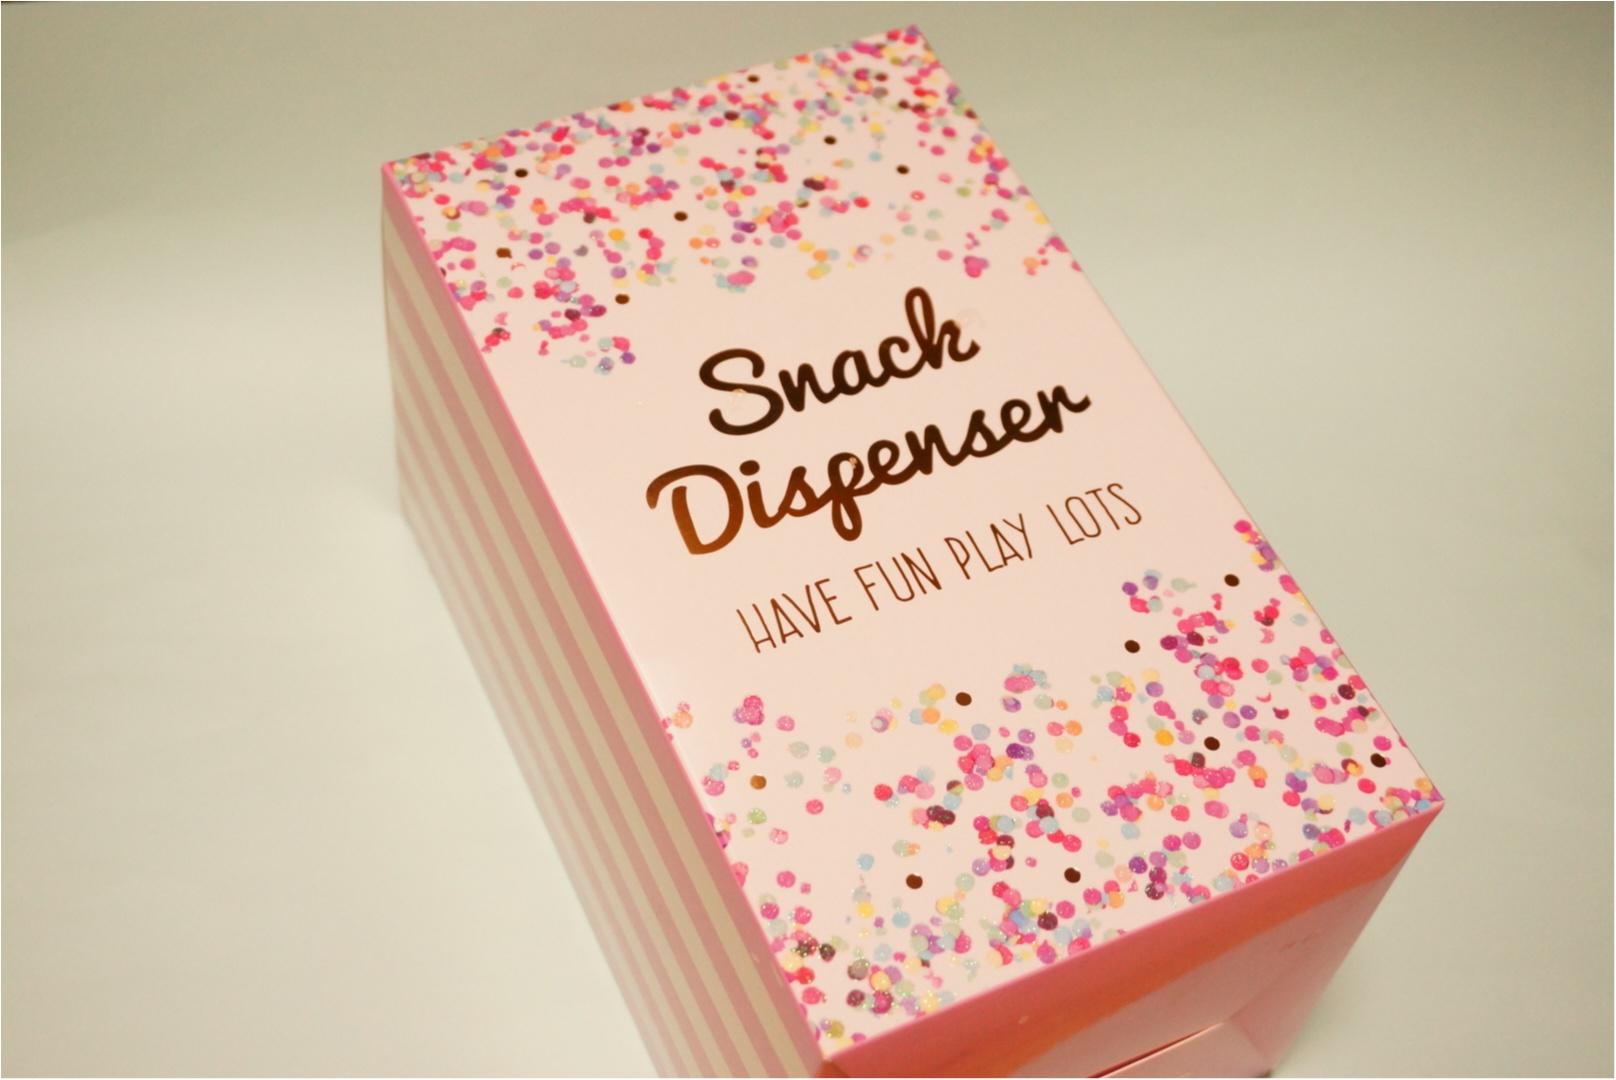 《JUST PINK IT!》この春は『ピンク』に囲まれたい♪【PLAZA】のピンク特集で限定の〇〇〇をGET♡_3